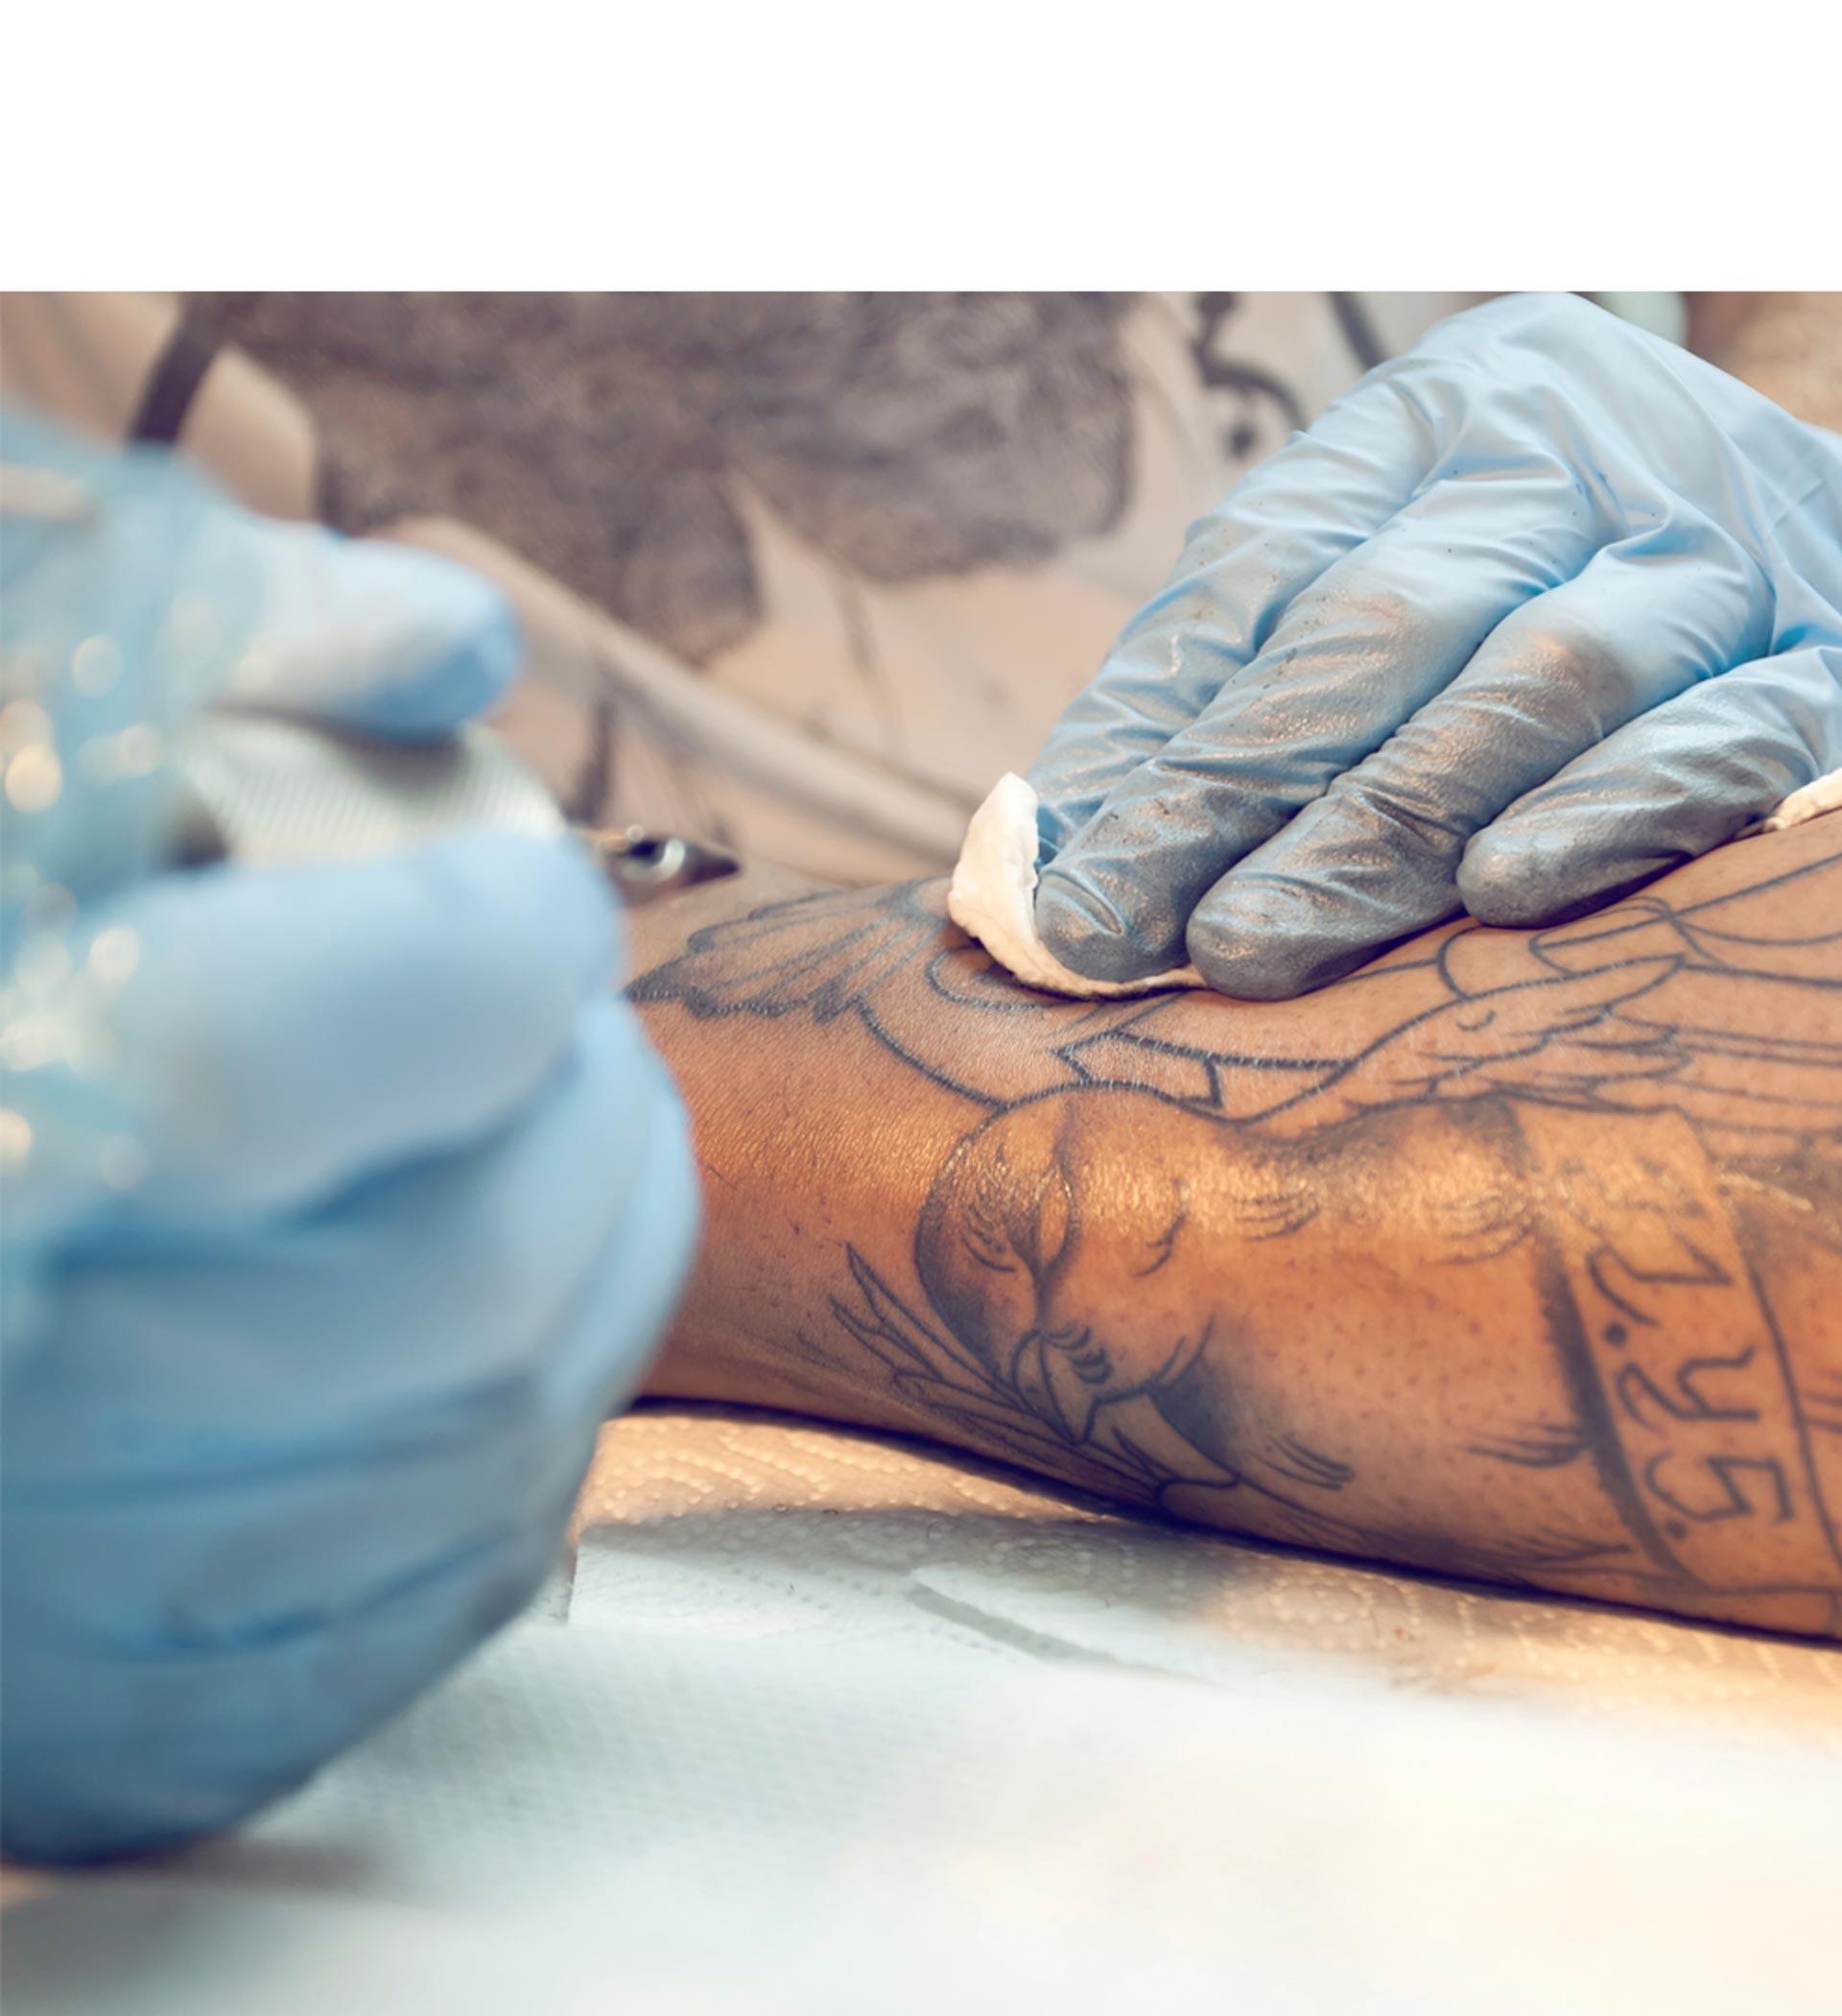 Pese a la crisis, José Miguel Gianelli abrió un estudio de tatuajes para satisfacer la creciente demanda del servicio en Venezuela